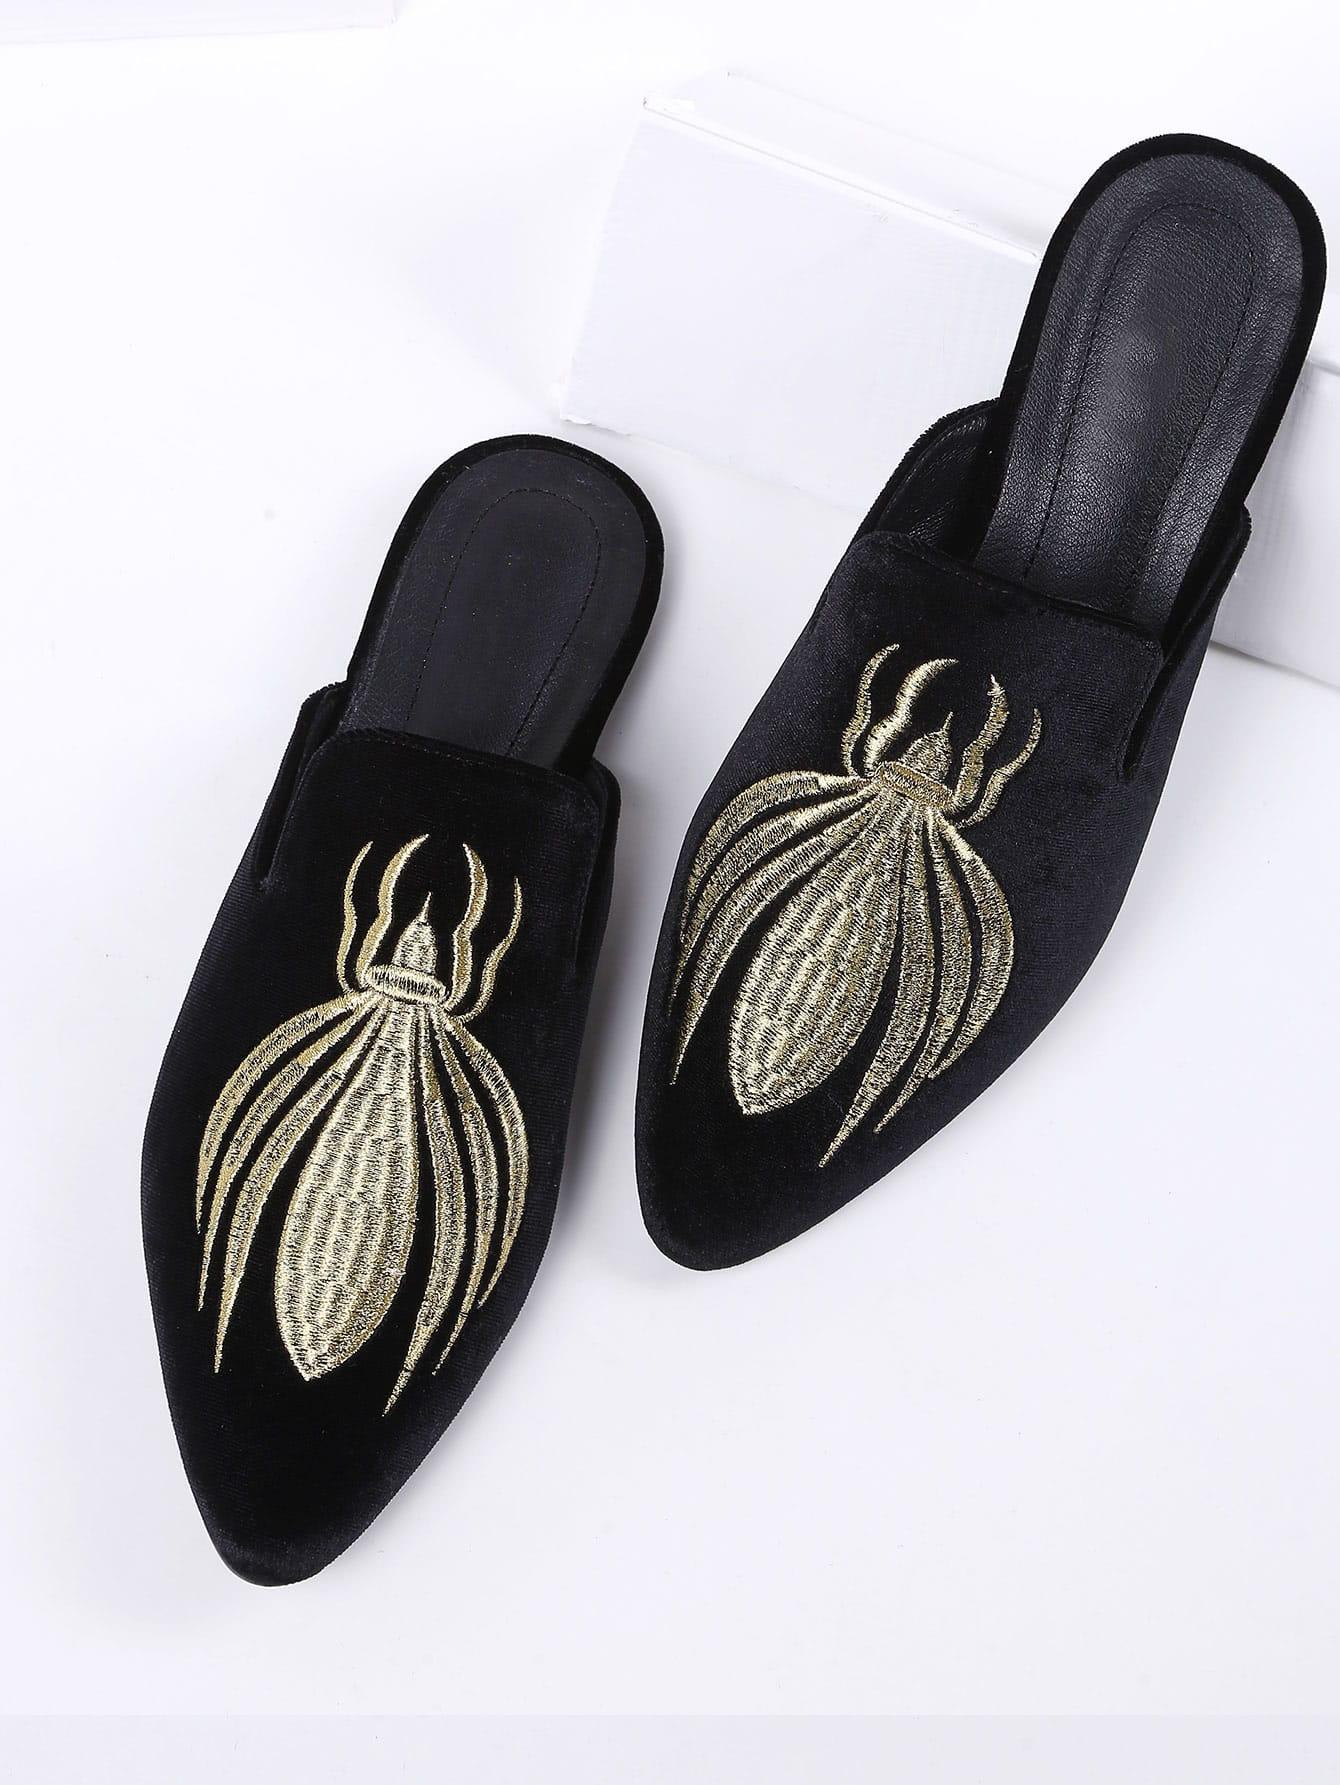 shoes170307803_2